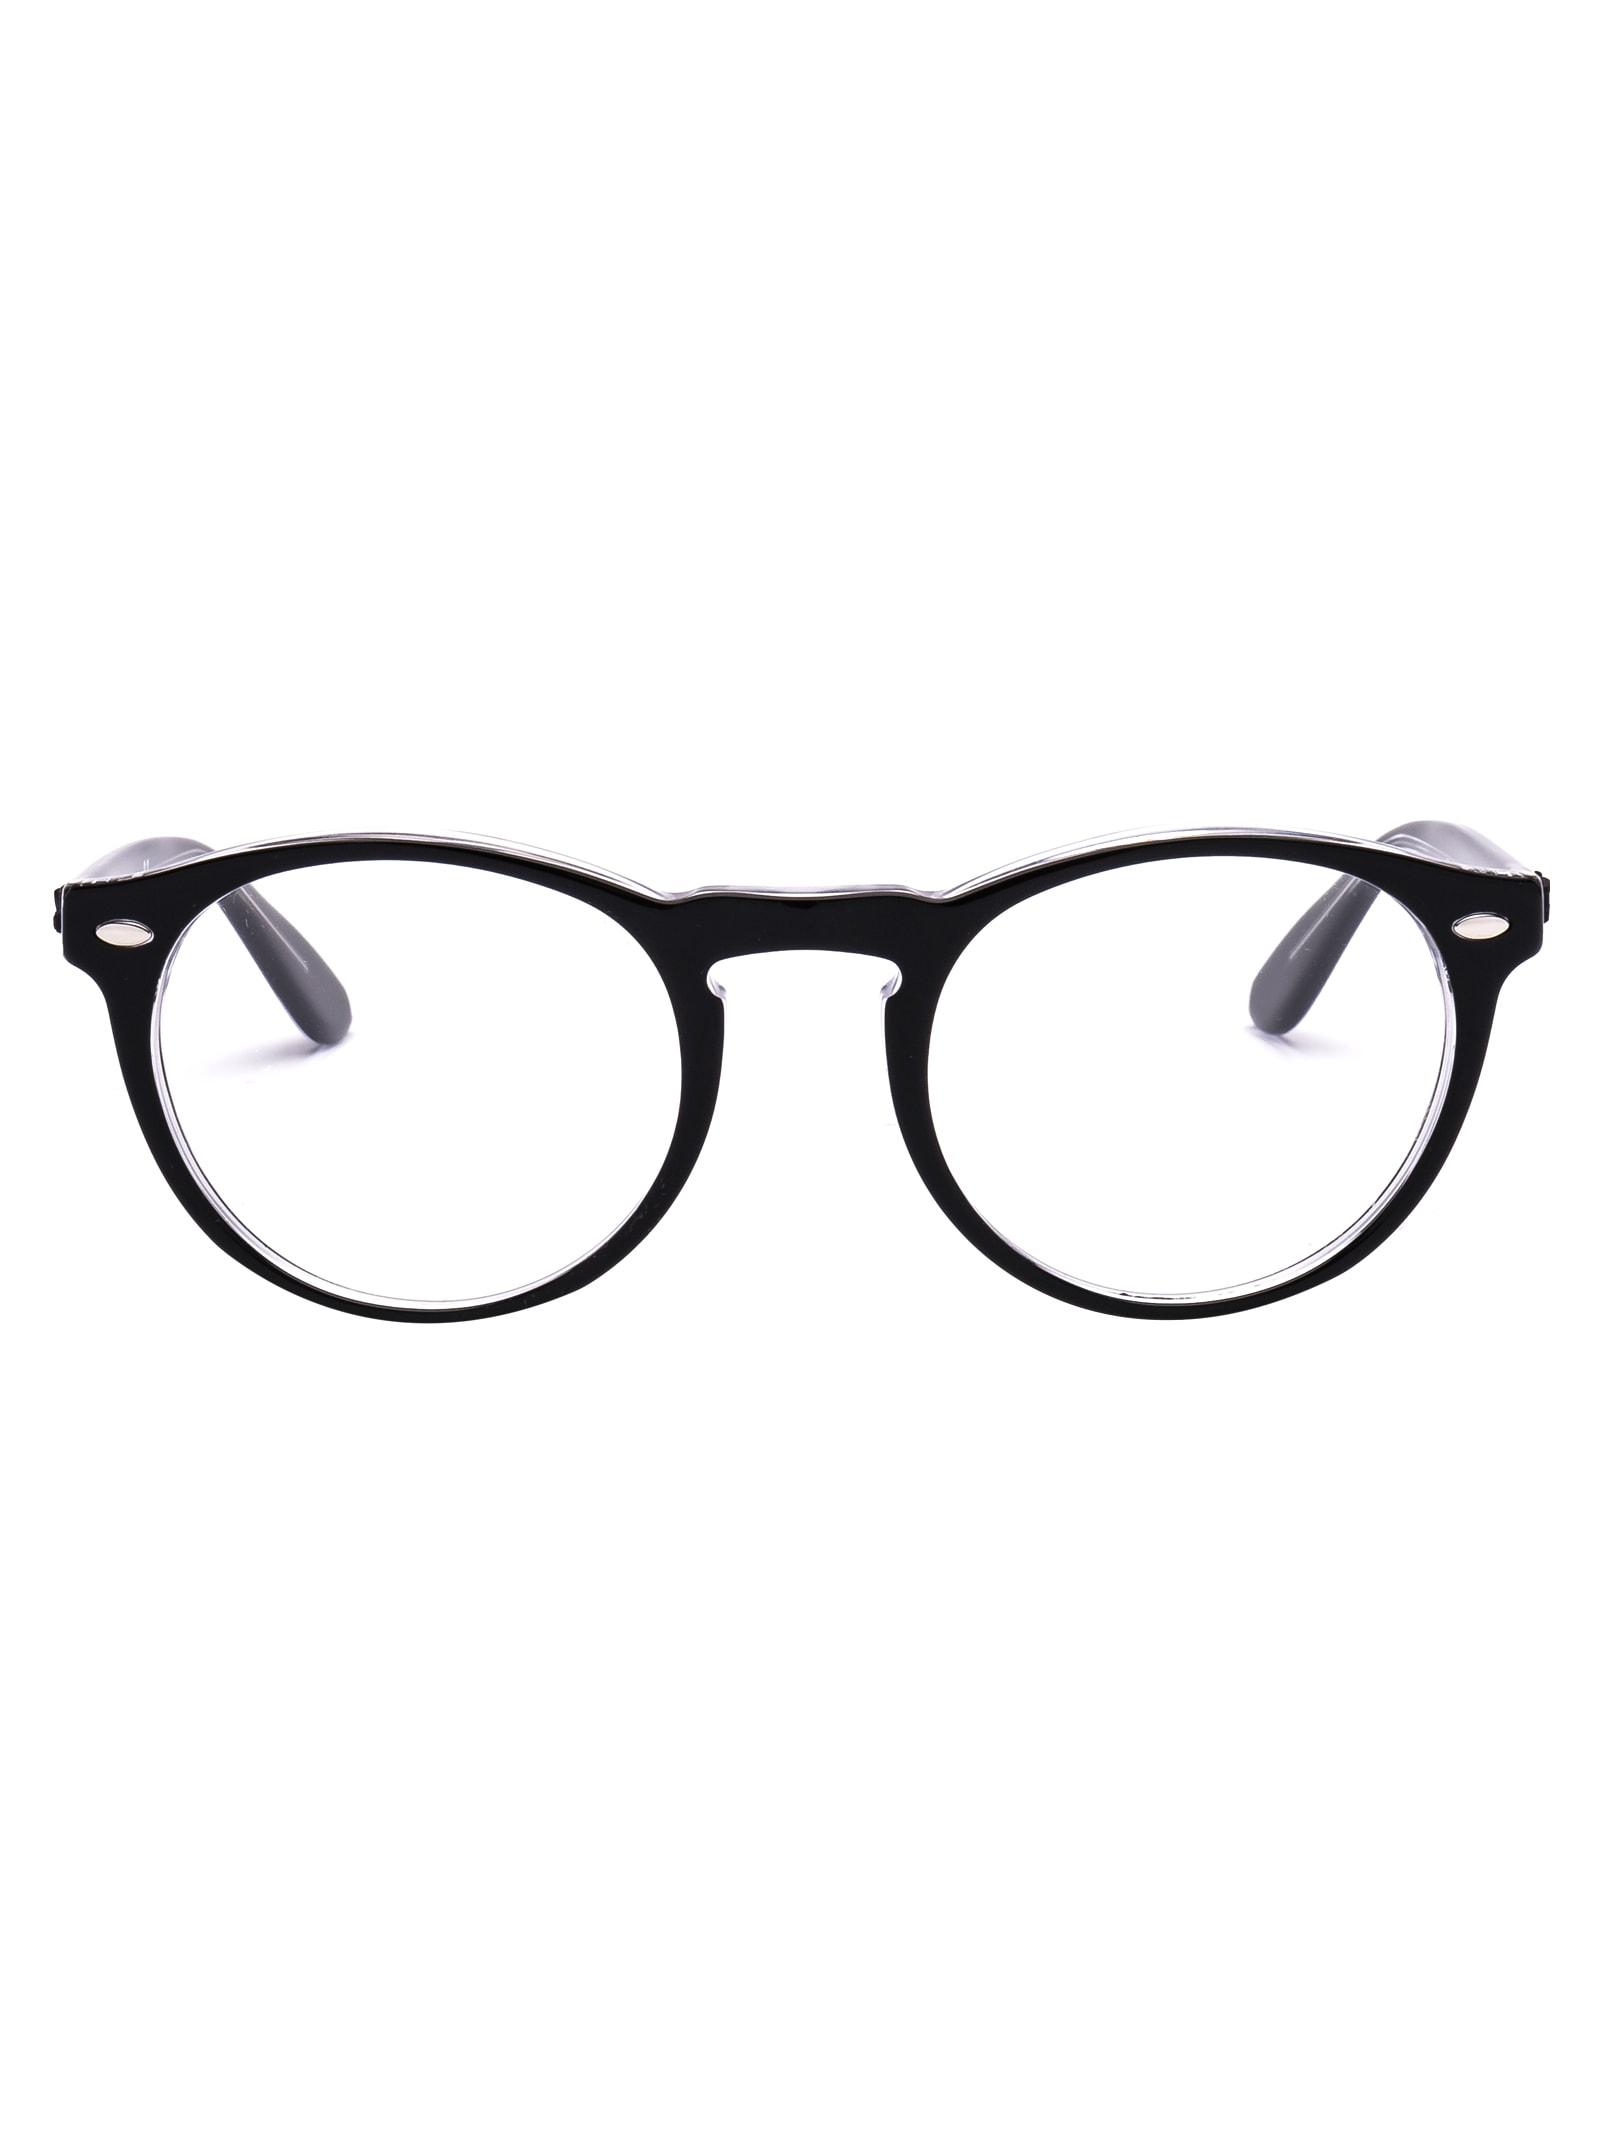 0rx5283 Glasses